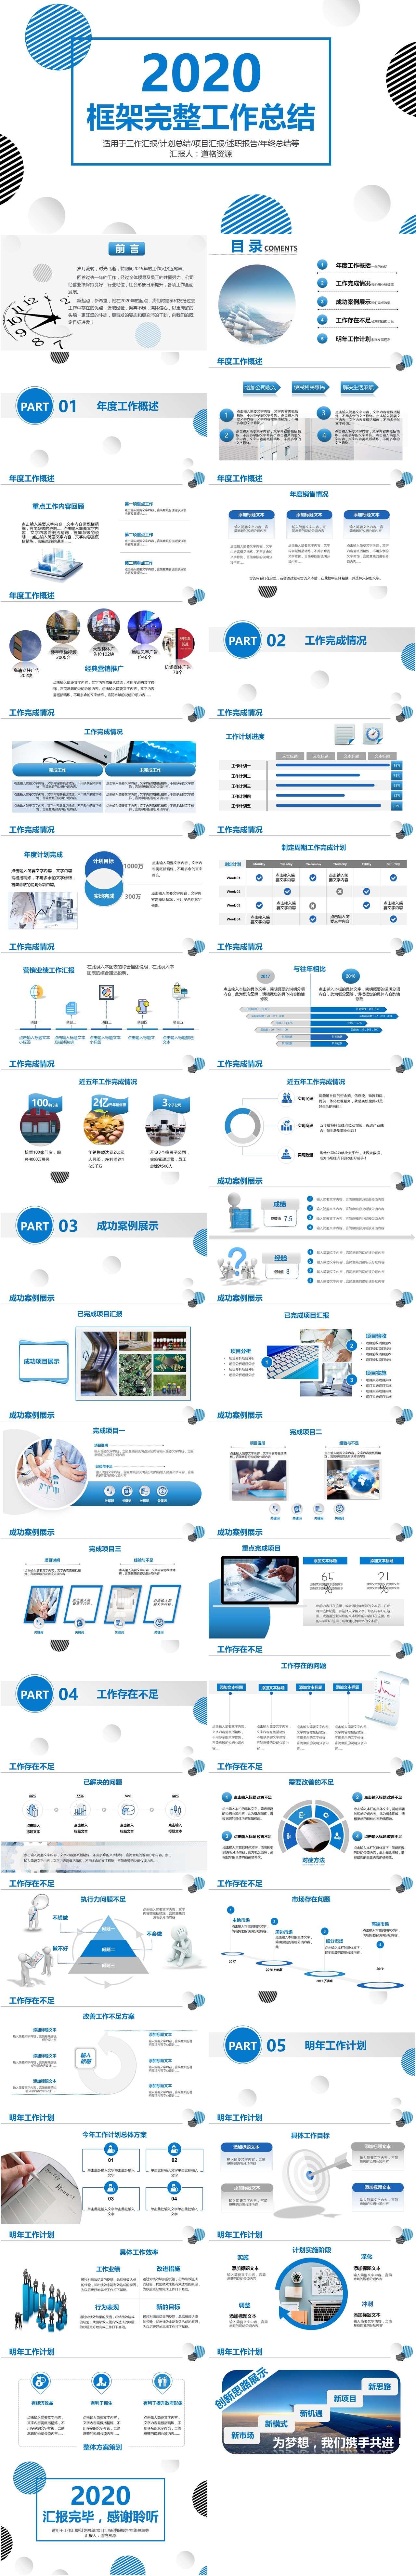 2020简约商务风框架完整年终工作总结新年计划PPT模板插图1